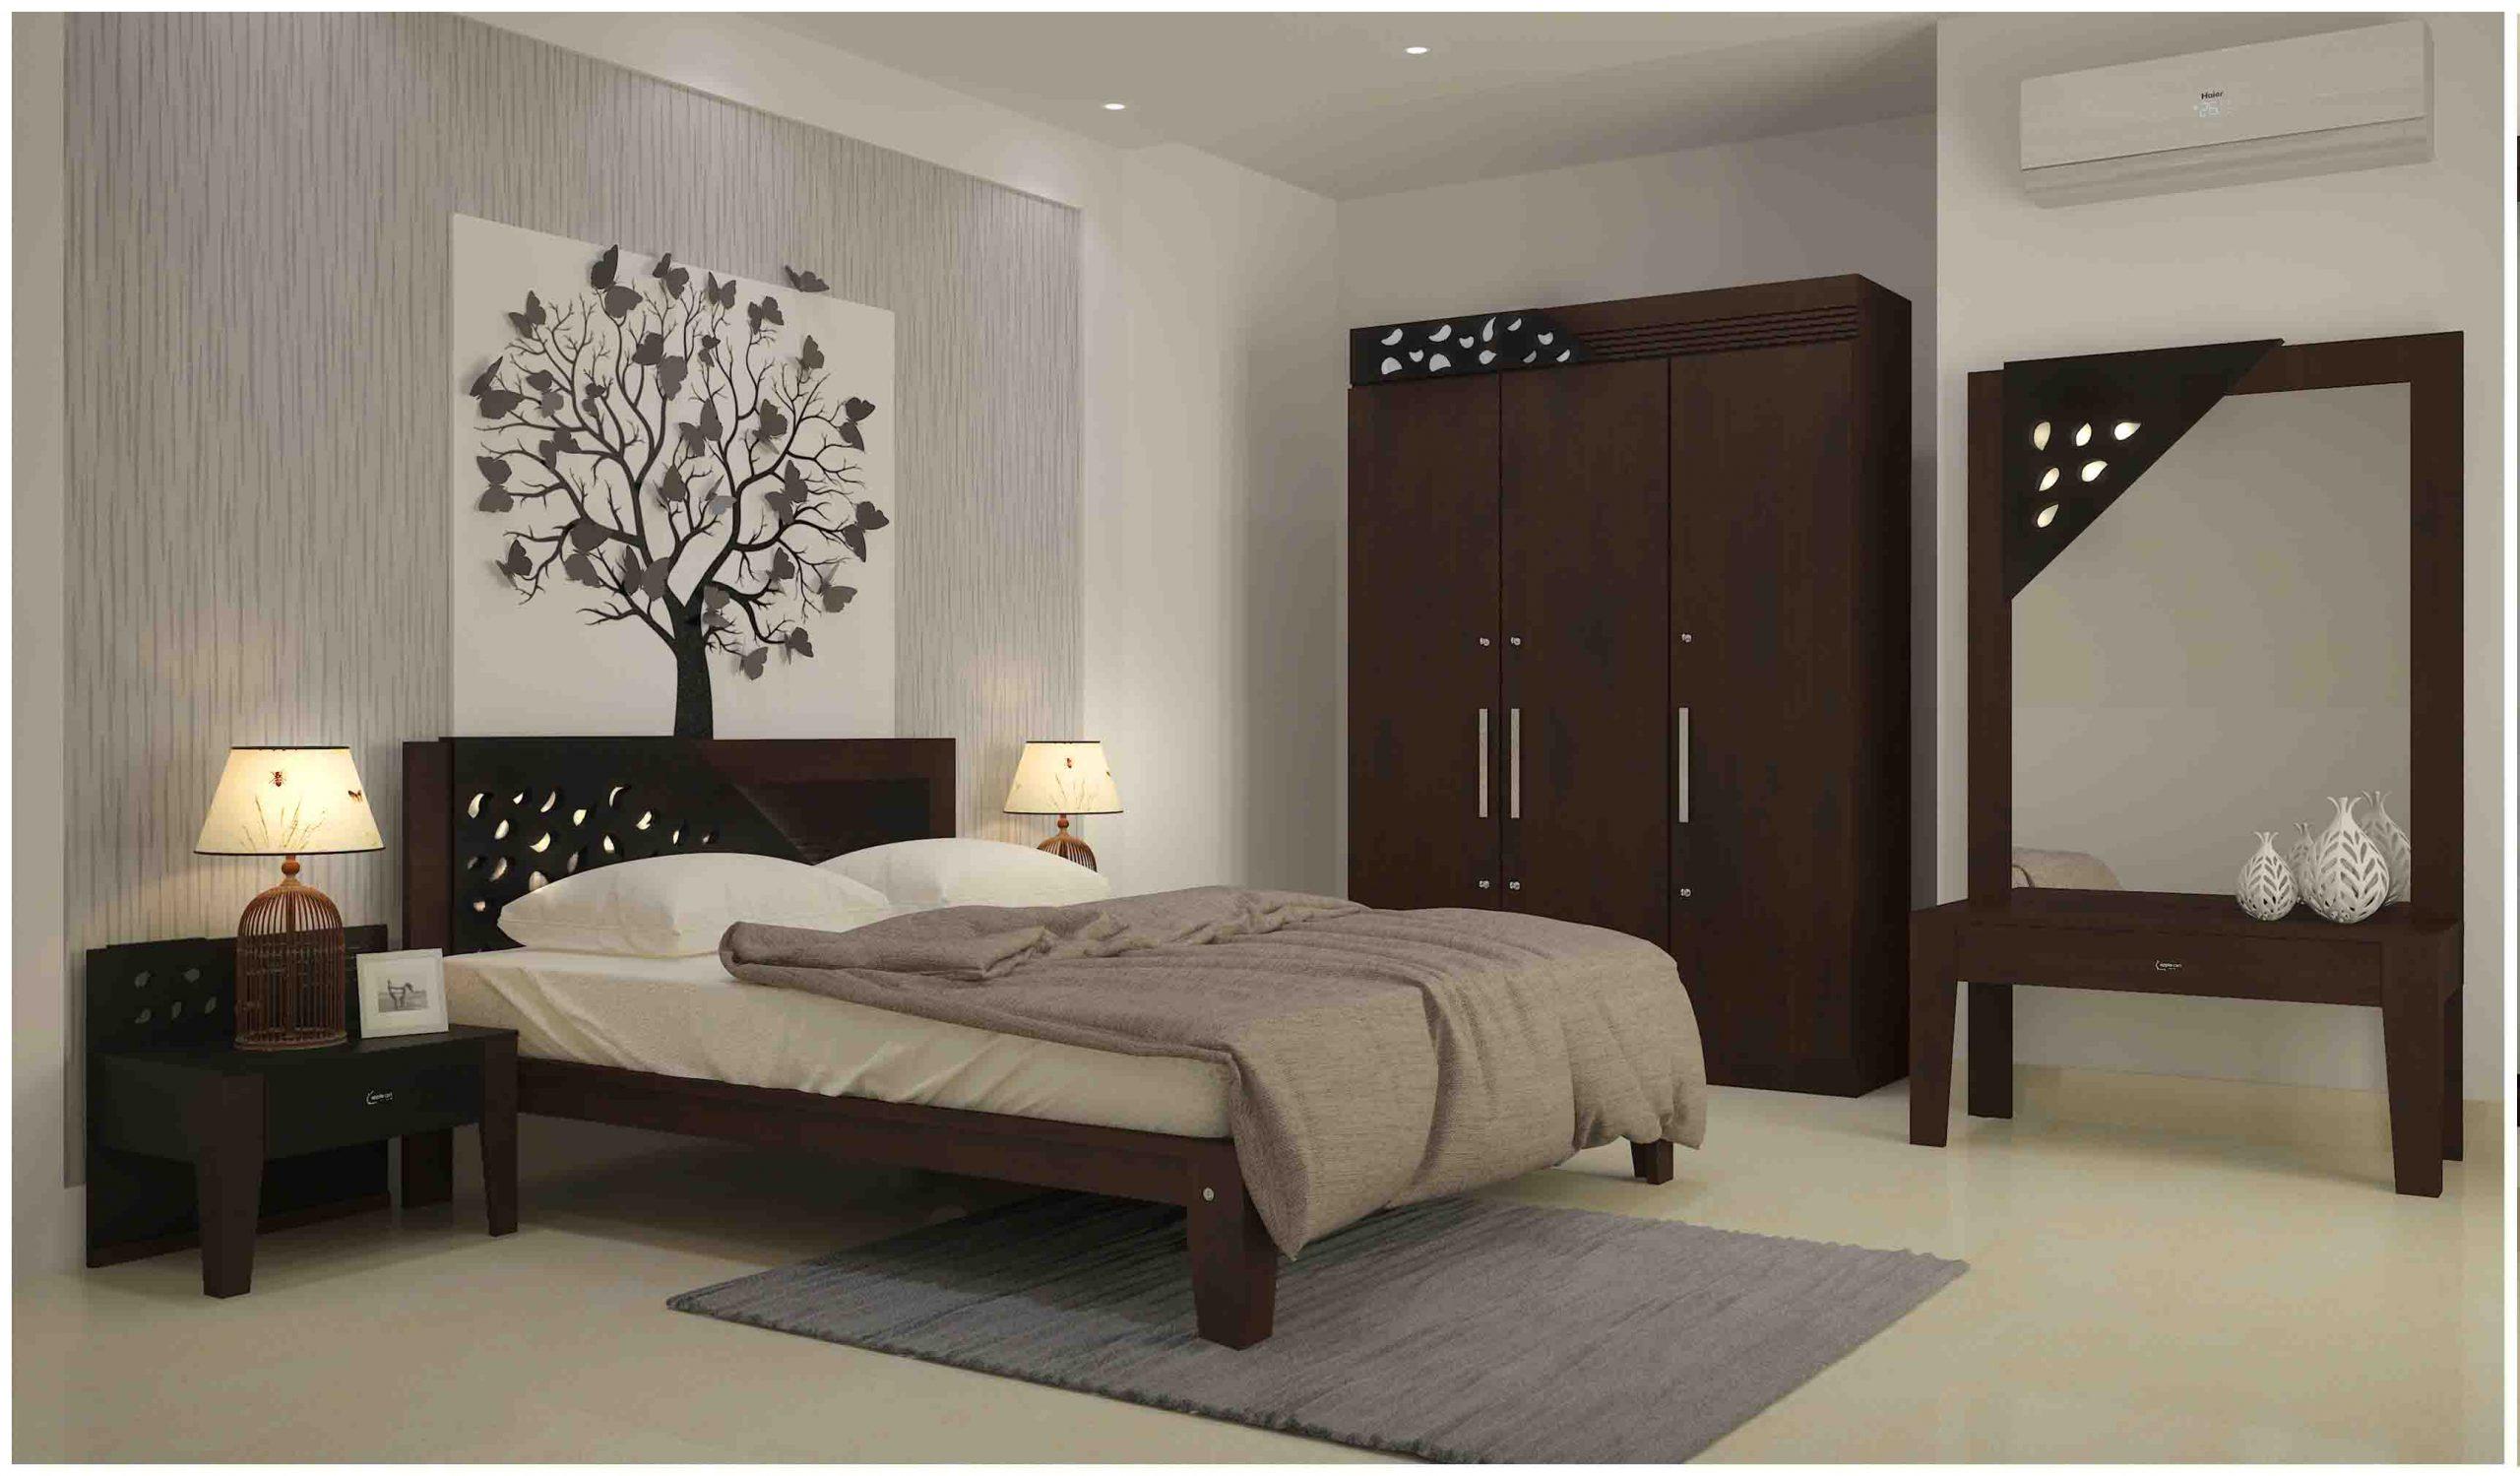 Modern bedroom furnitures